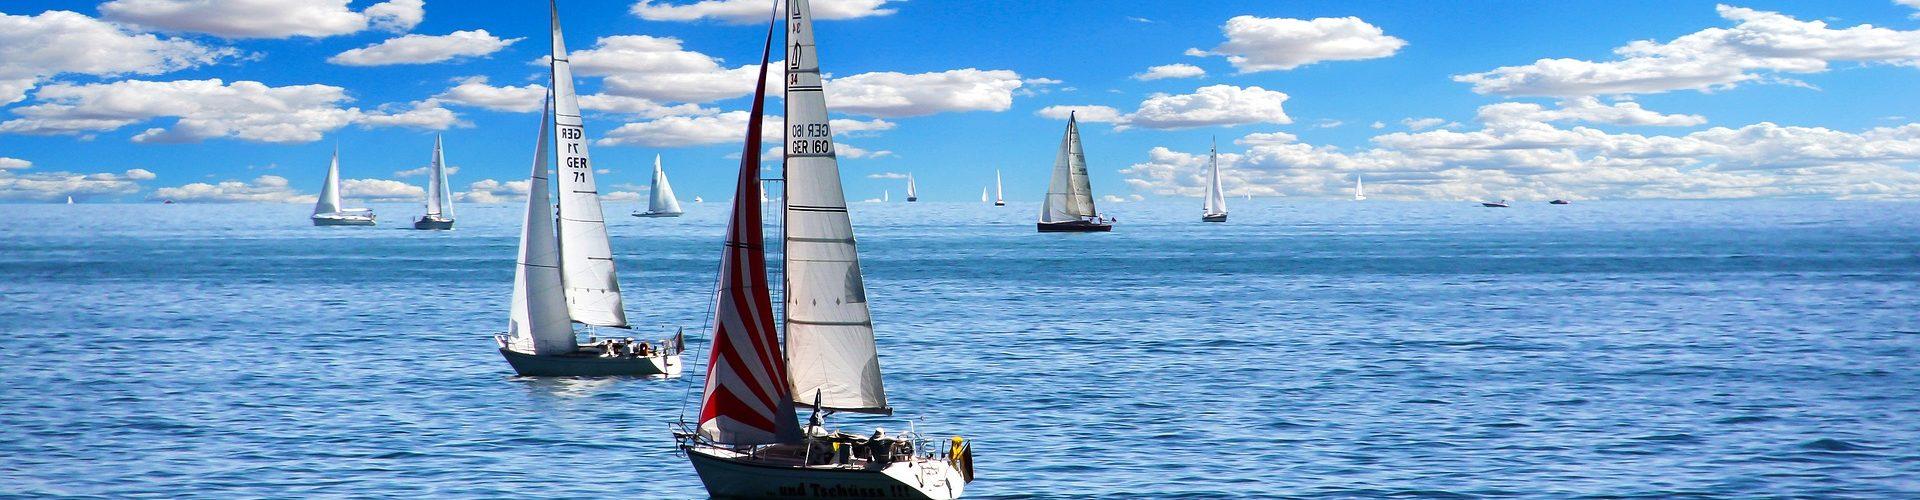 segeln lernen in Illertissen segelschein machen in Illertissen 1920x500 - Segeln lernen in Illertissen